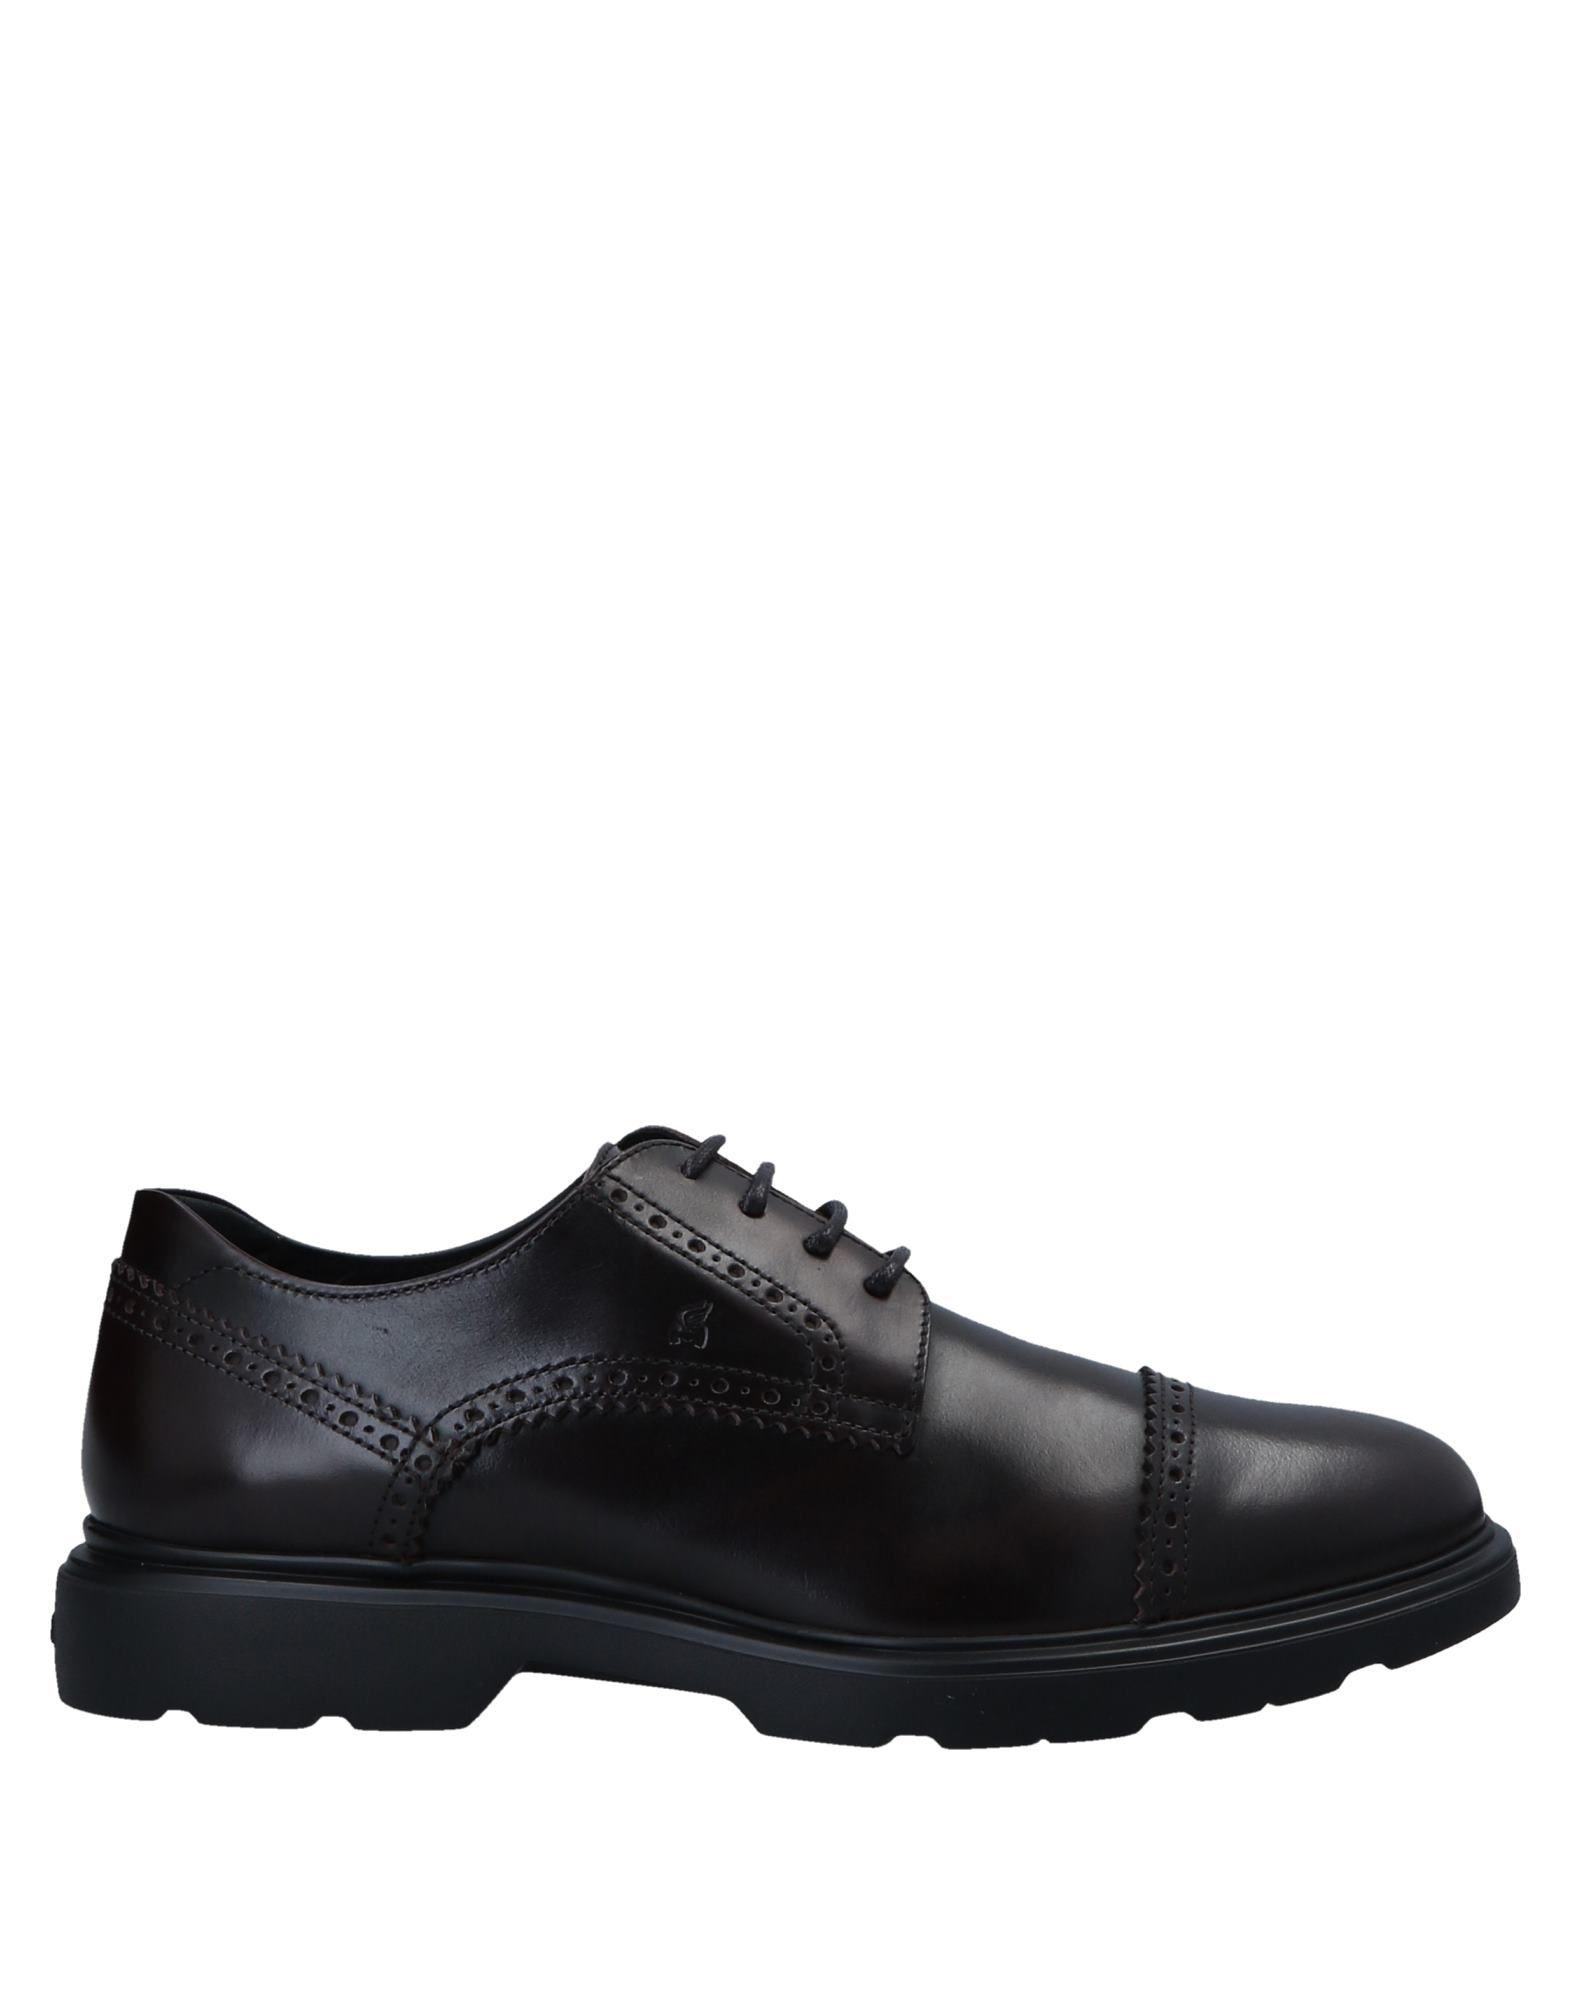 Hogan Schnürschuhe Herren  11560024WT Gute Qualität beliebte Schuhe